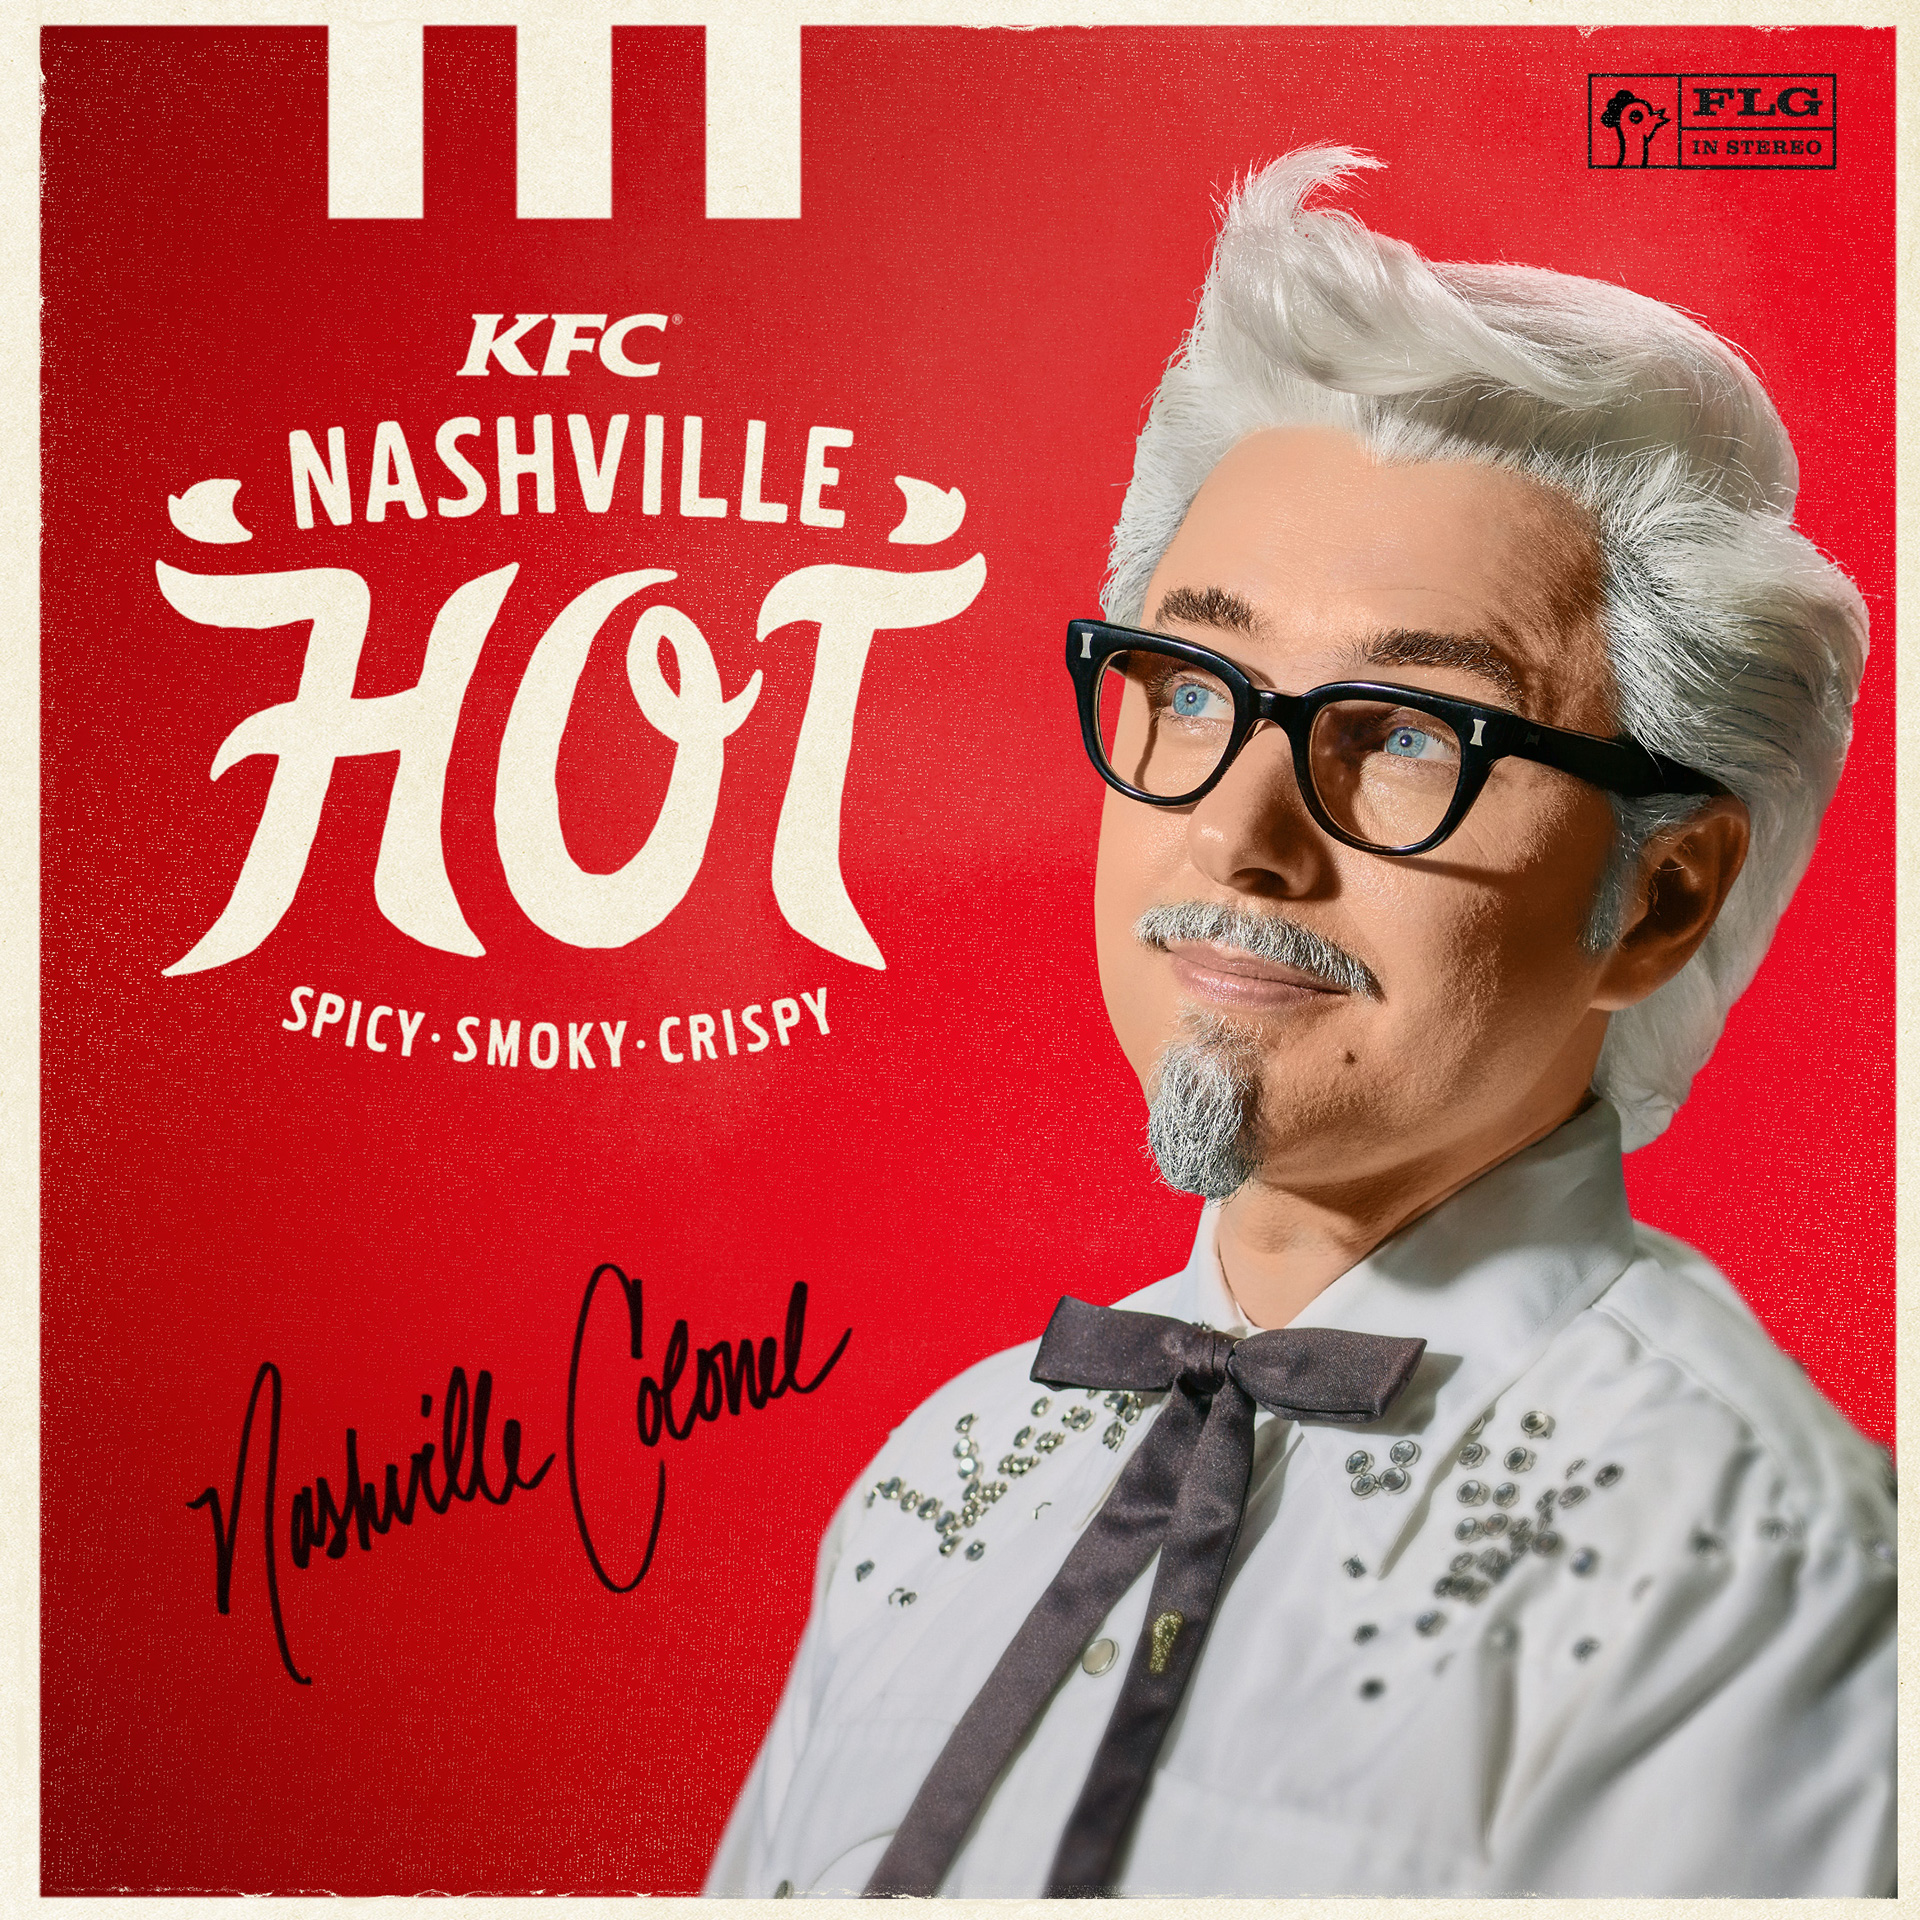 Nuevo coronel sanders de KFC